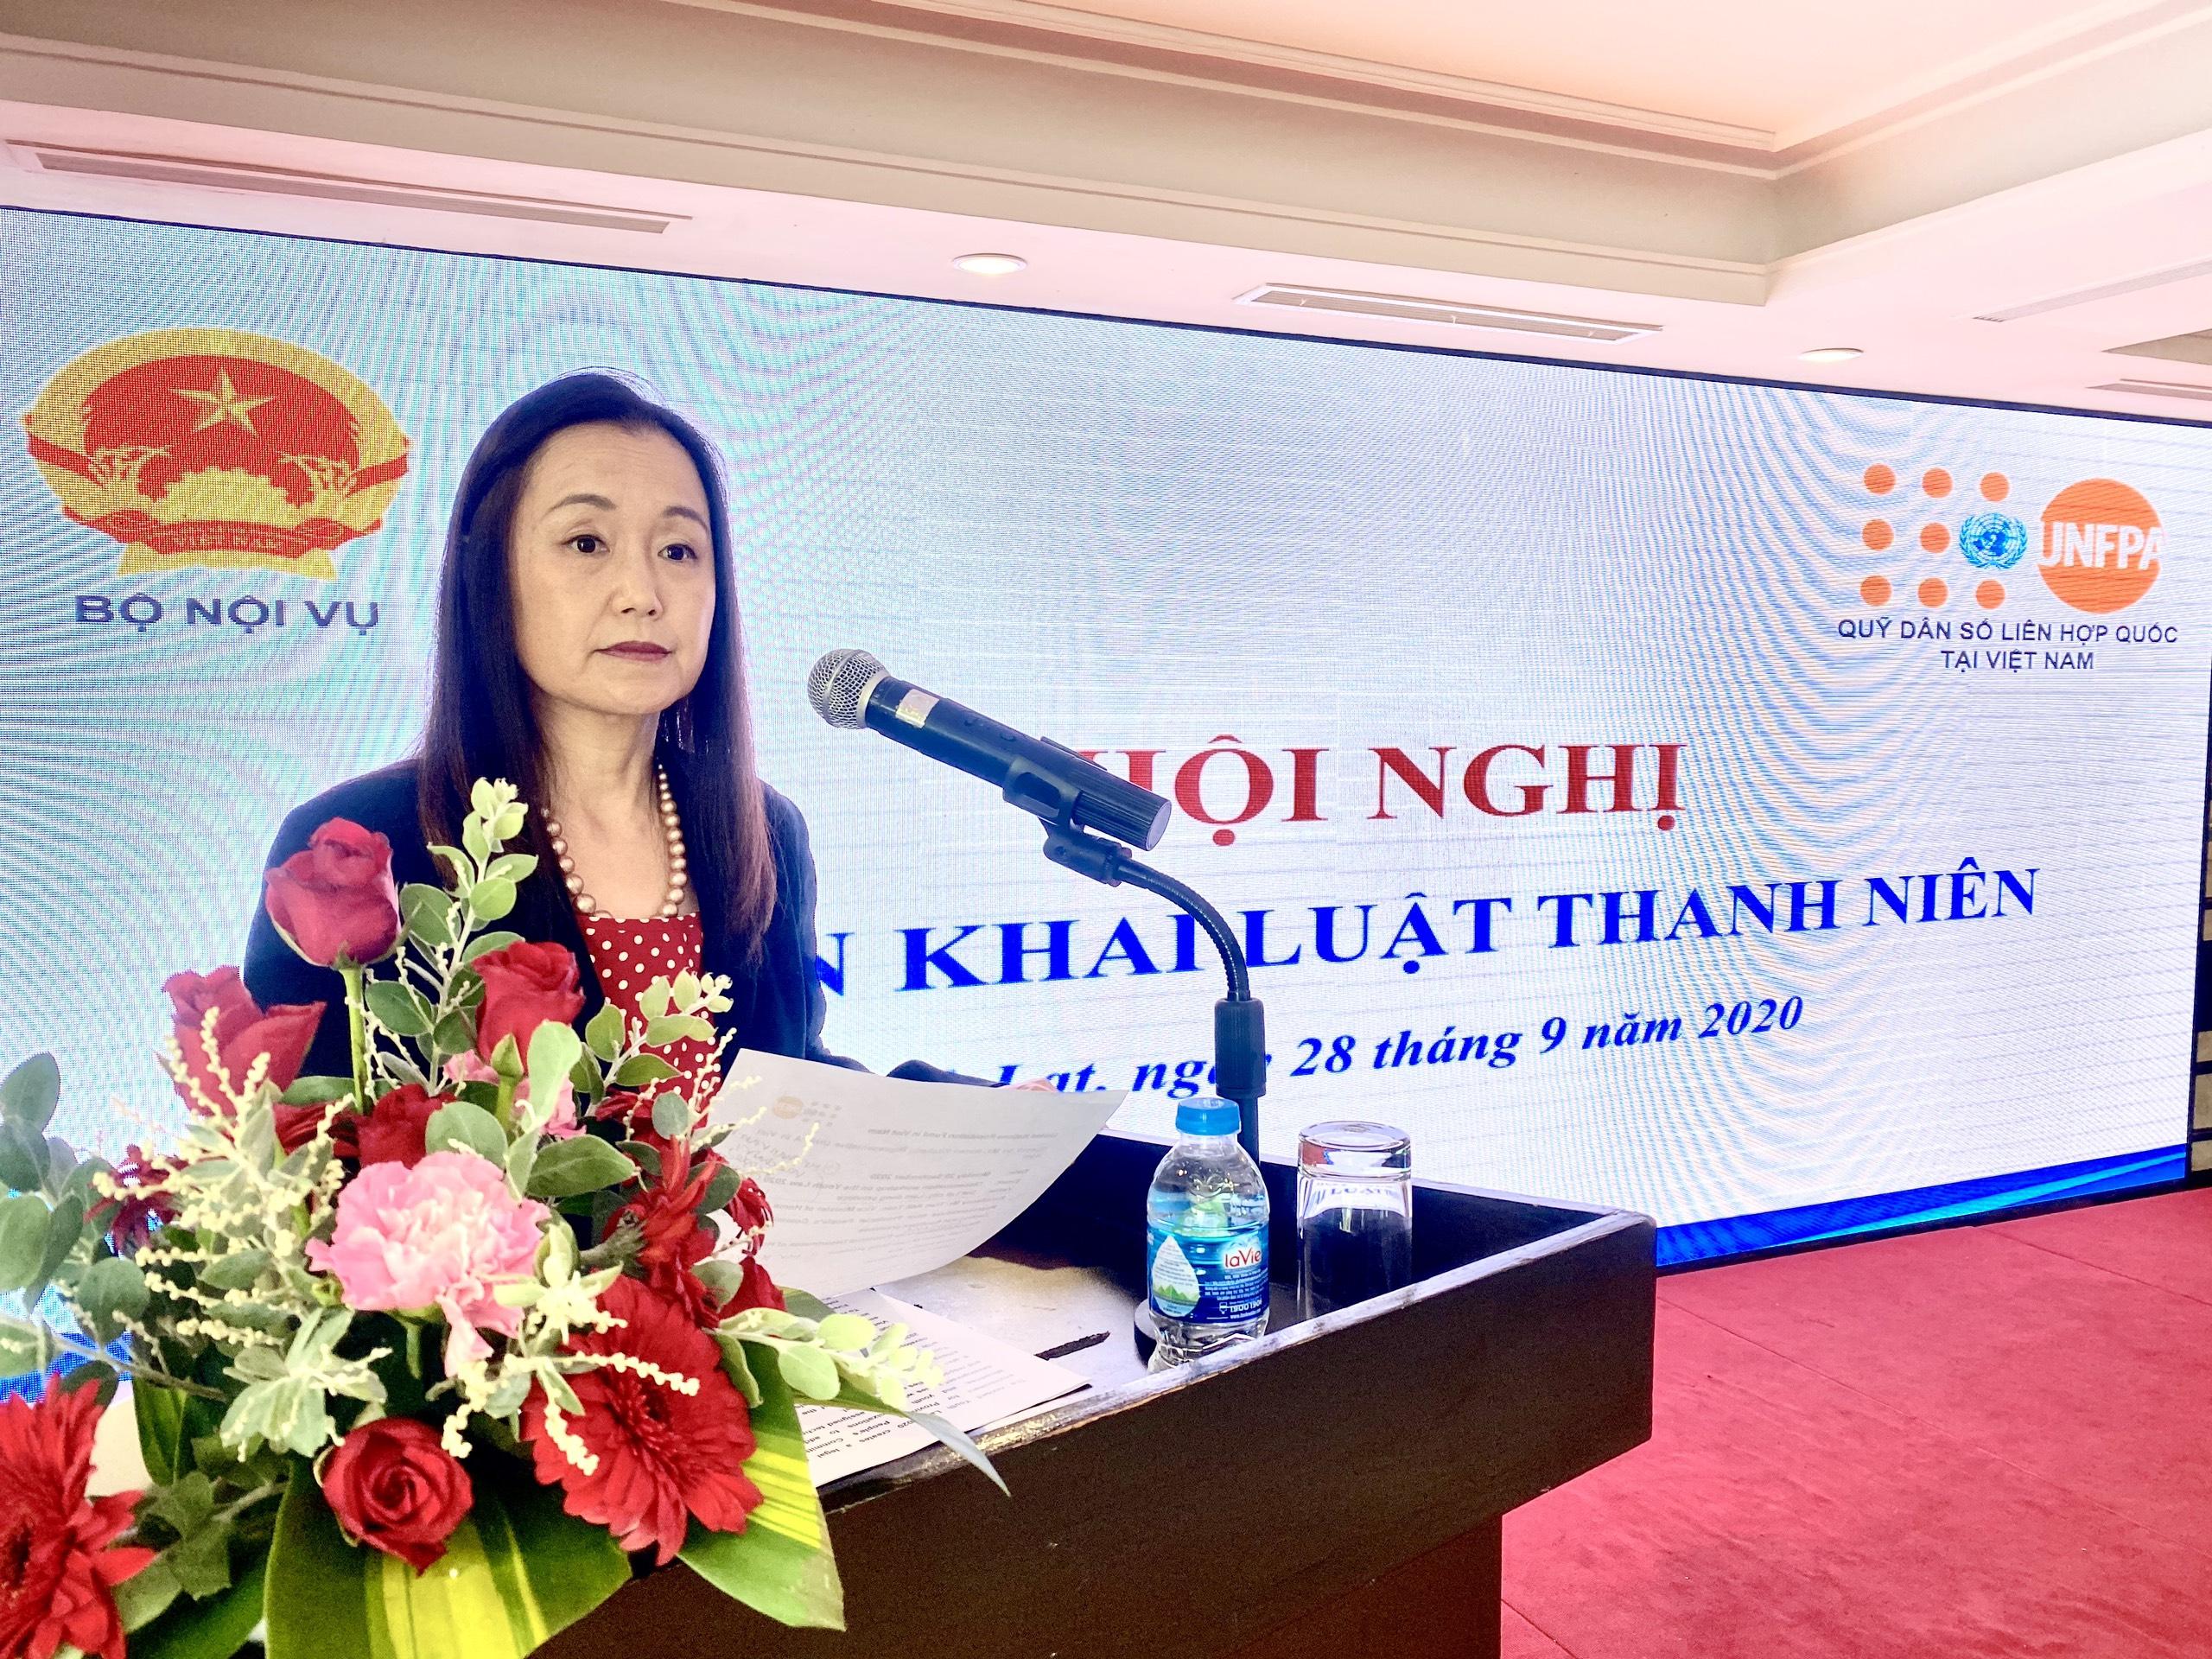 Hội nghị triển khai Luật Thanh niên tại thành phố Đà Lạt